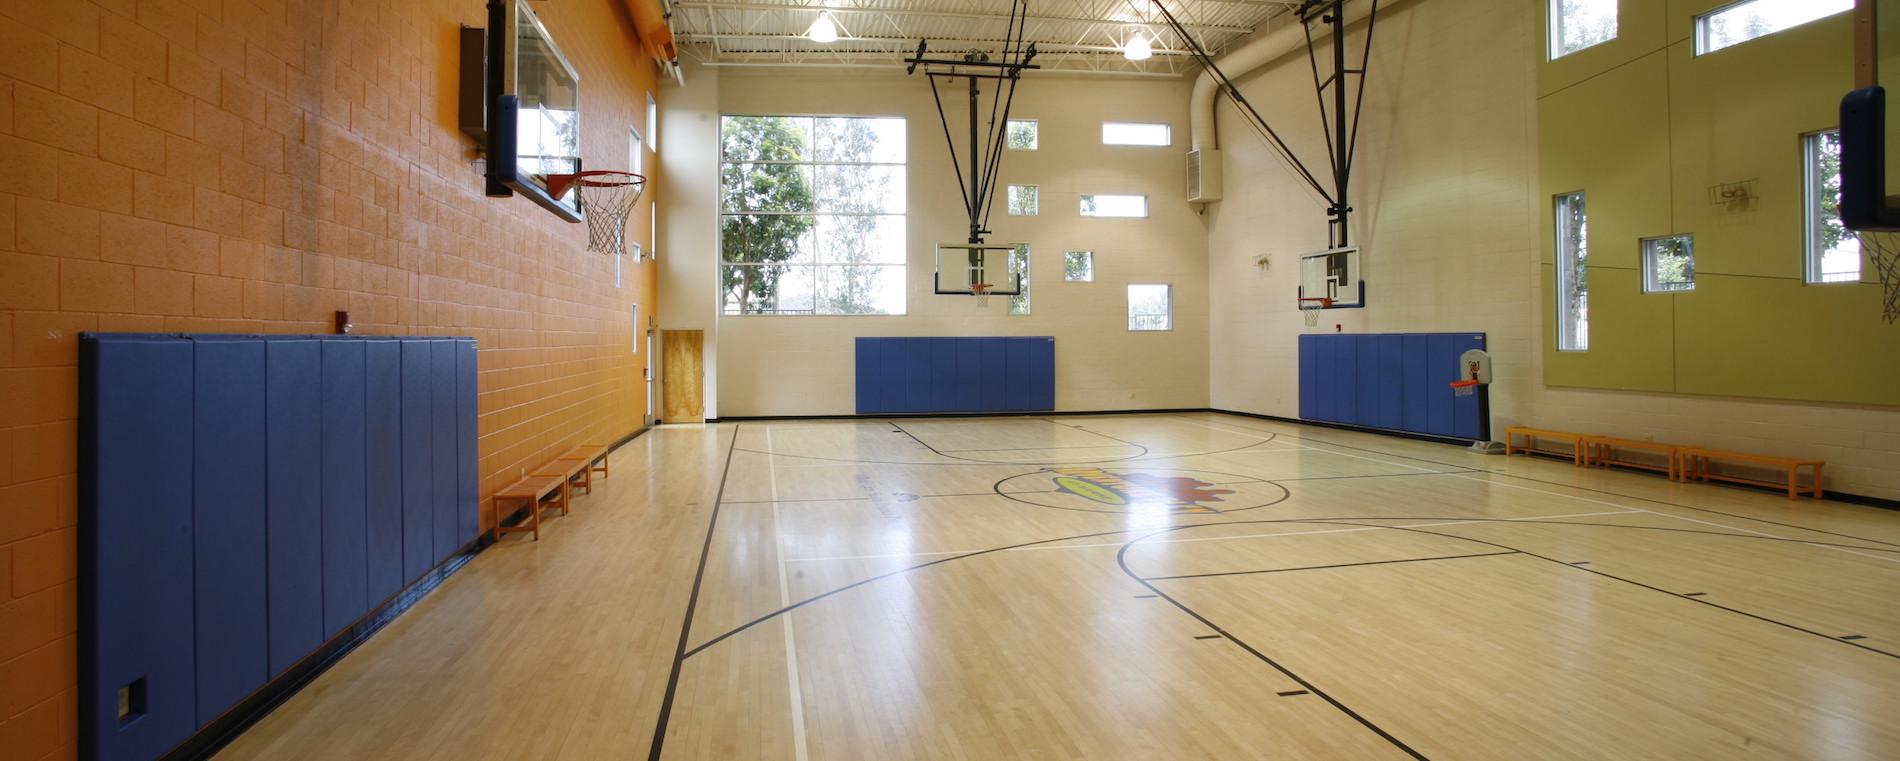 Sportscourt Adventureplex